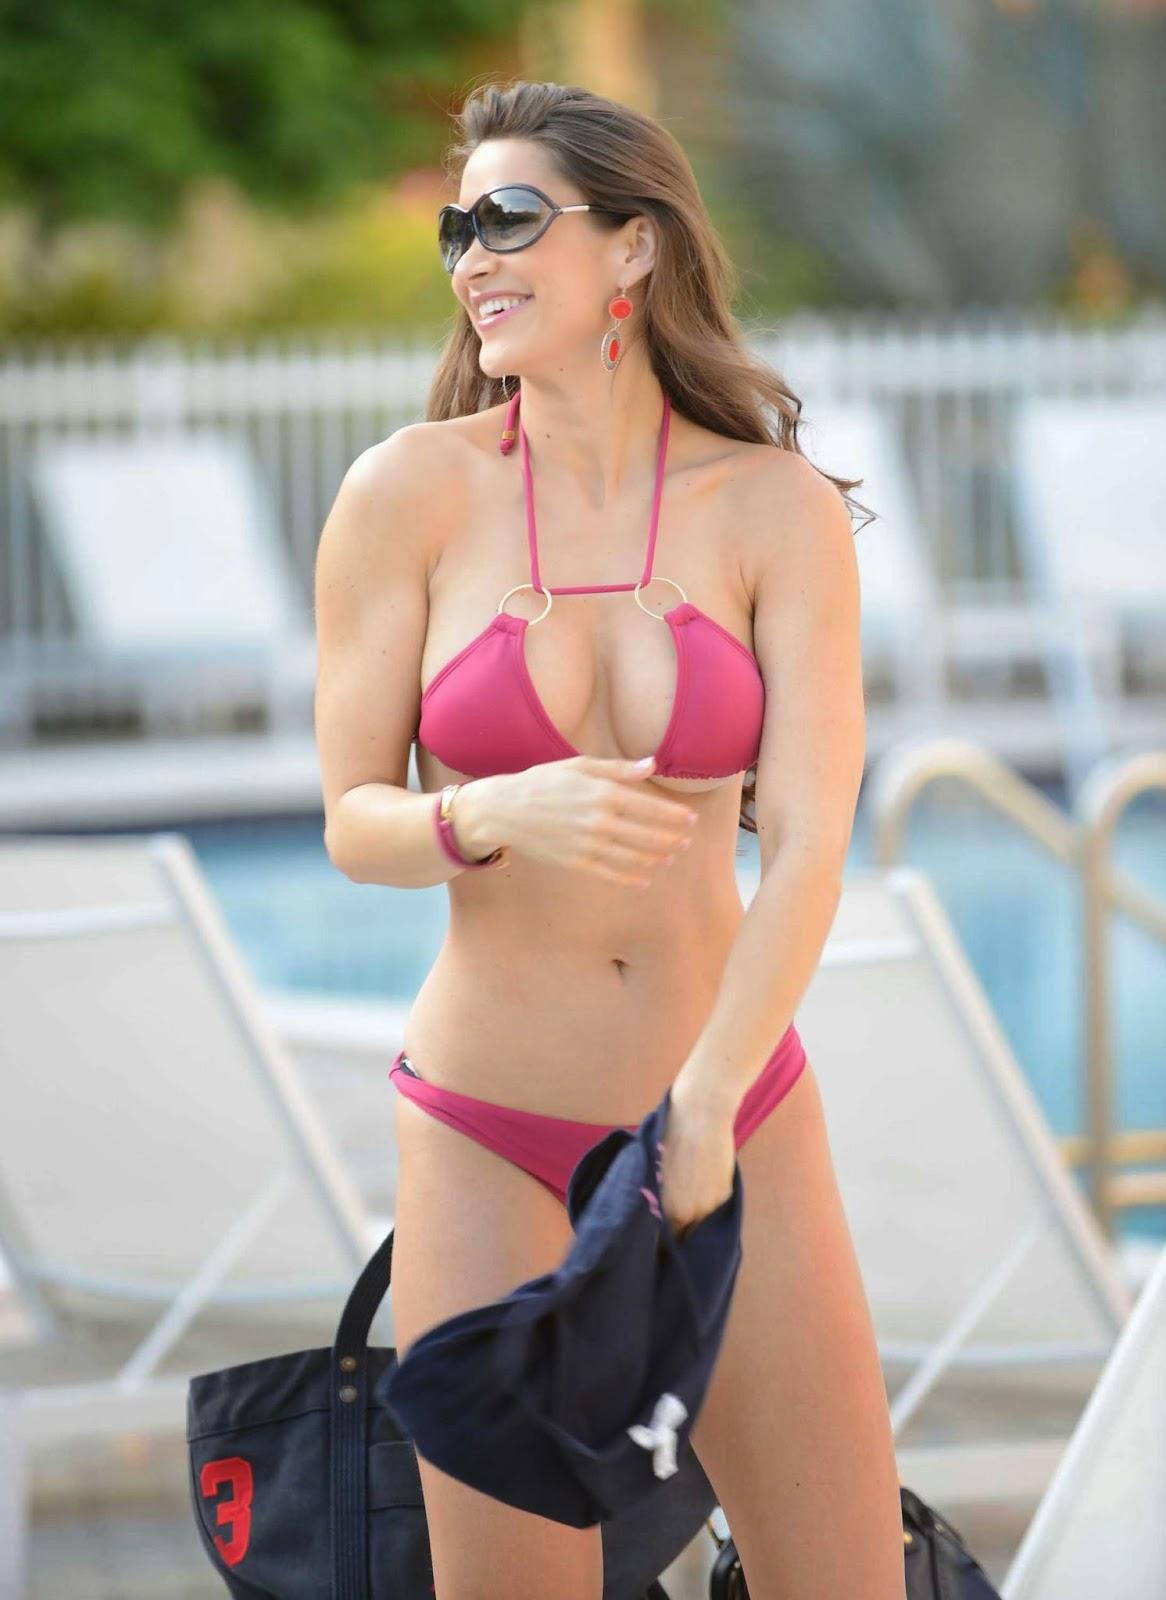 Anais Zanotti Hot celebrities in hot bikini: fitness model anais zanotti